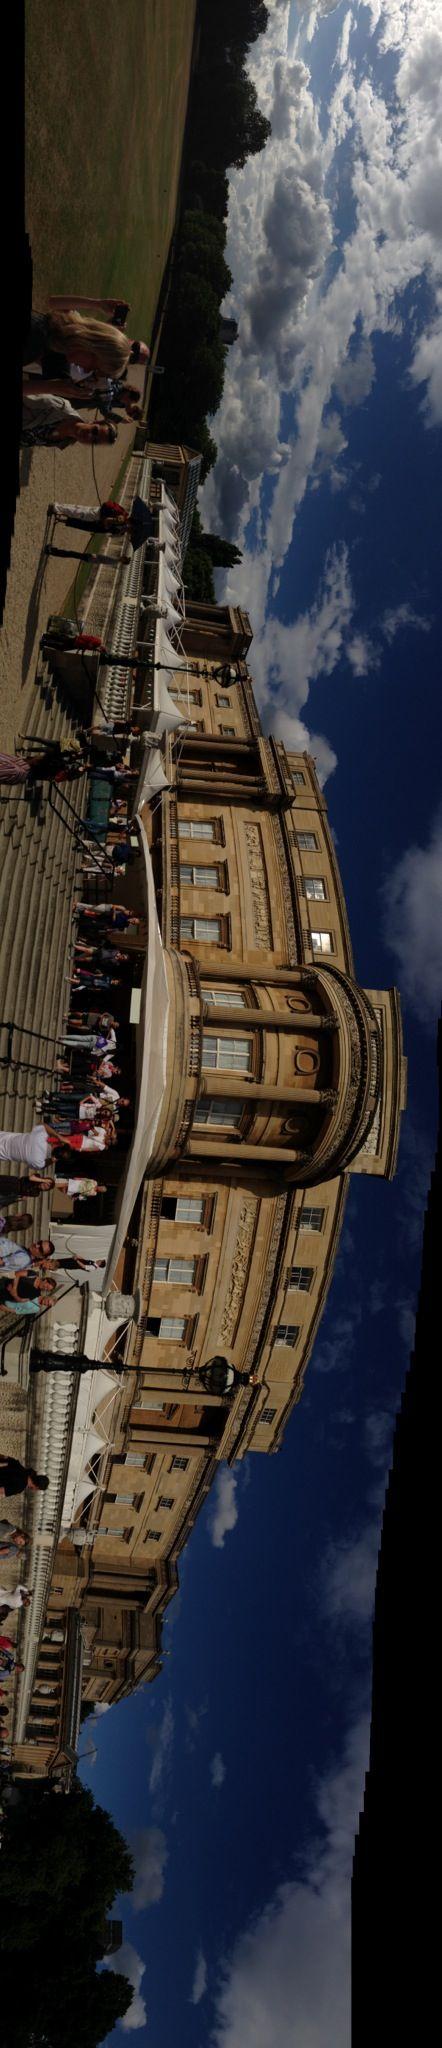 Букингемский дворец!Посетили залы и выставку,посвященную 60 летию правления Королевы!!!